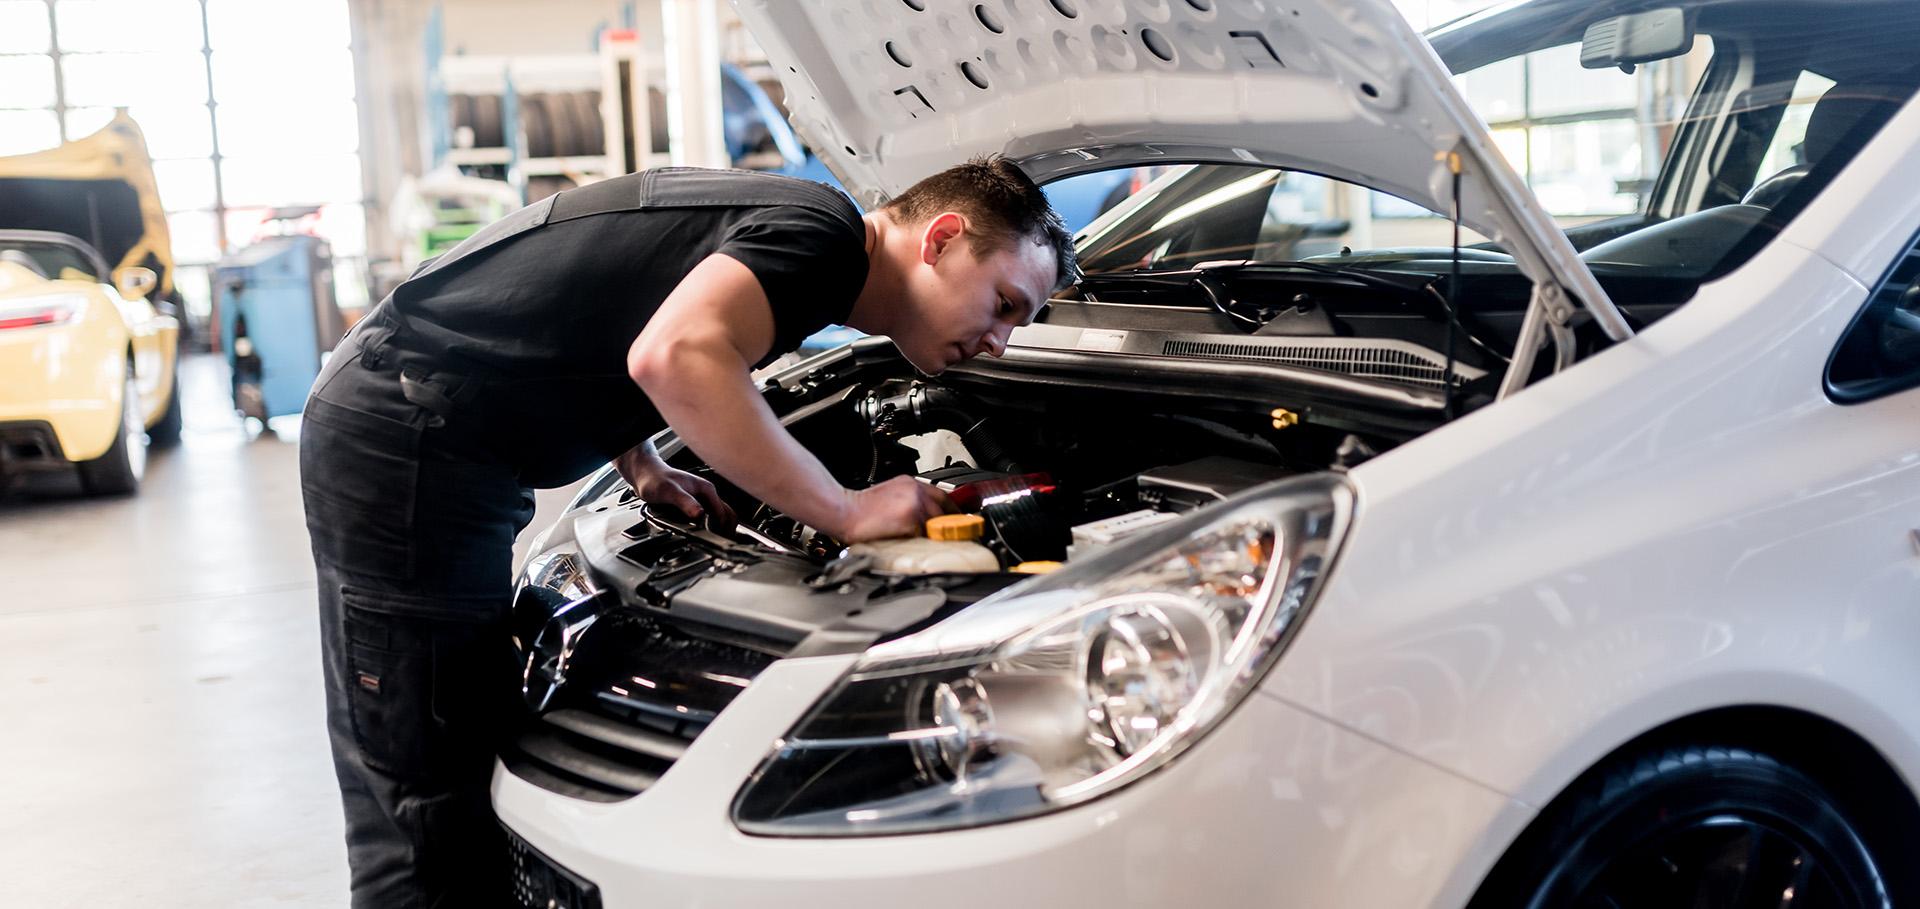 Onderhoud en apk autobedrijf jaap de vries